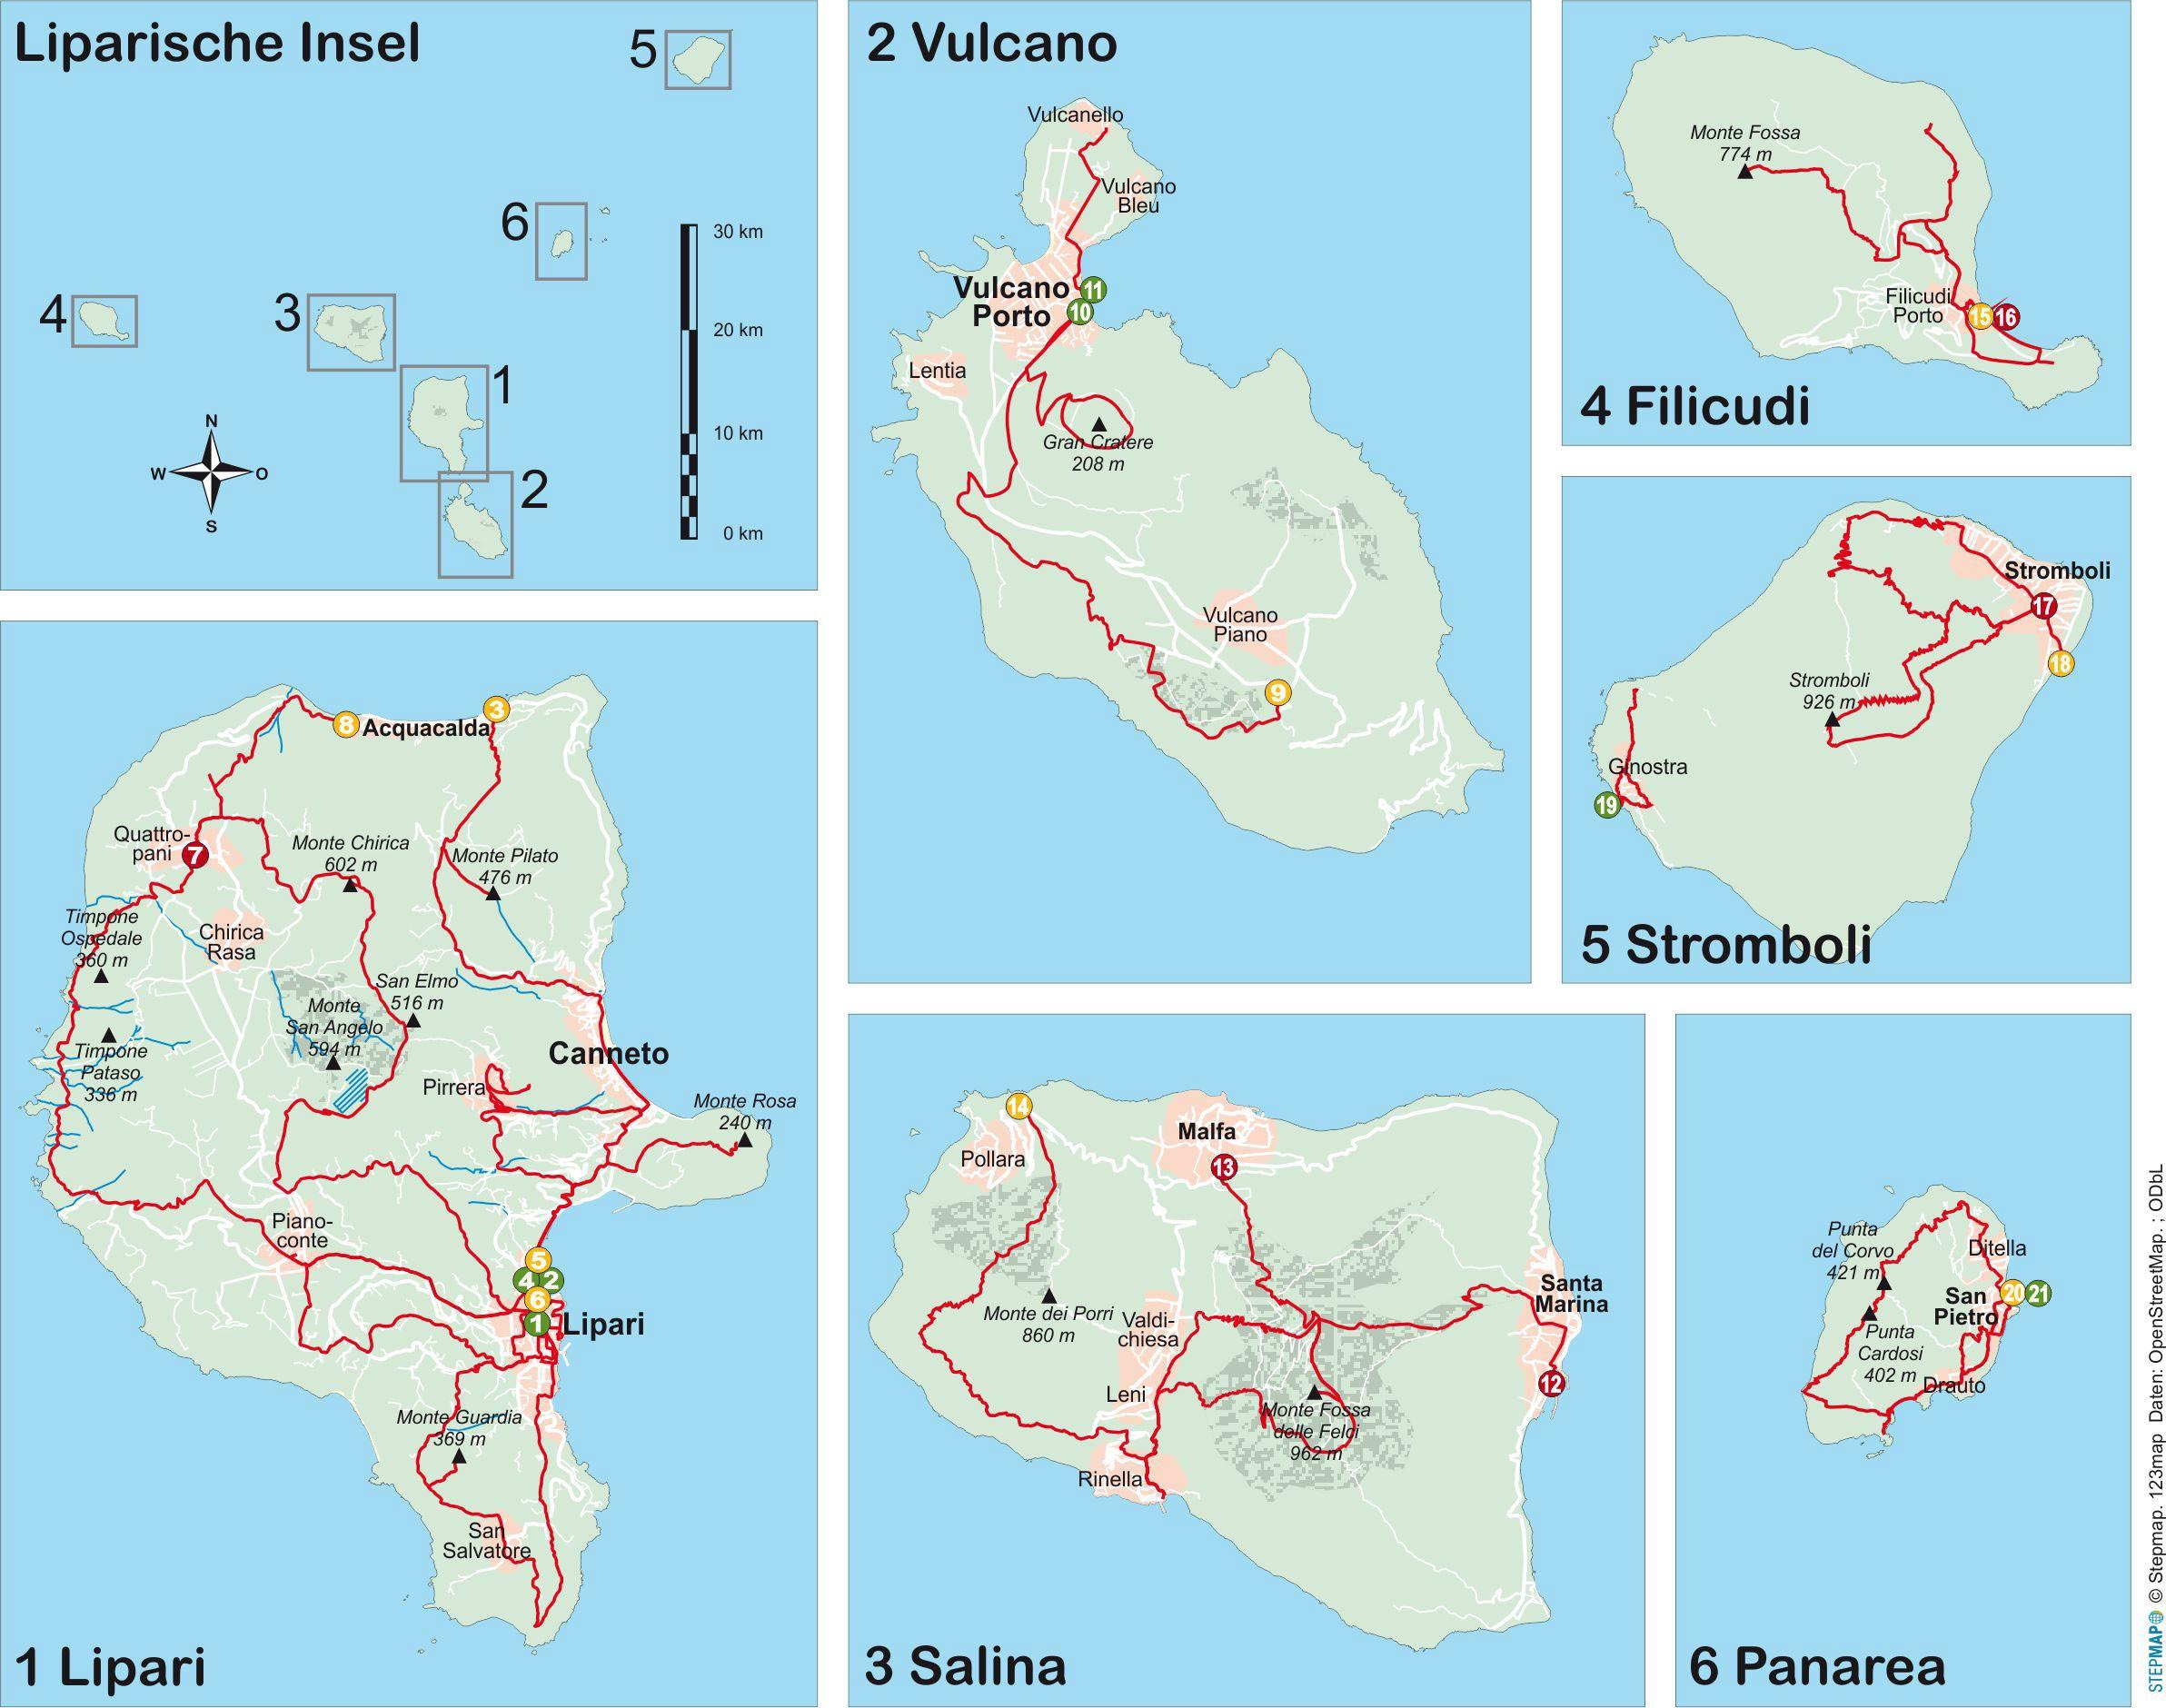 Liparische Inseln (21 Wanderungen)